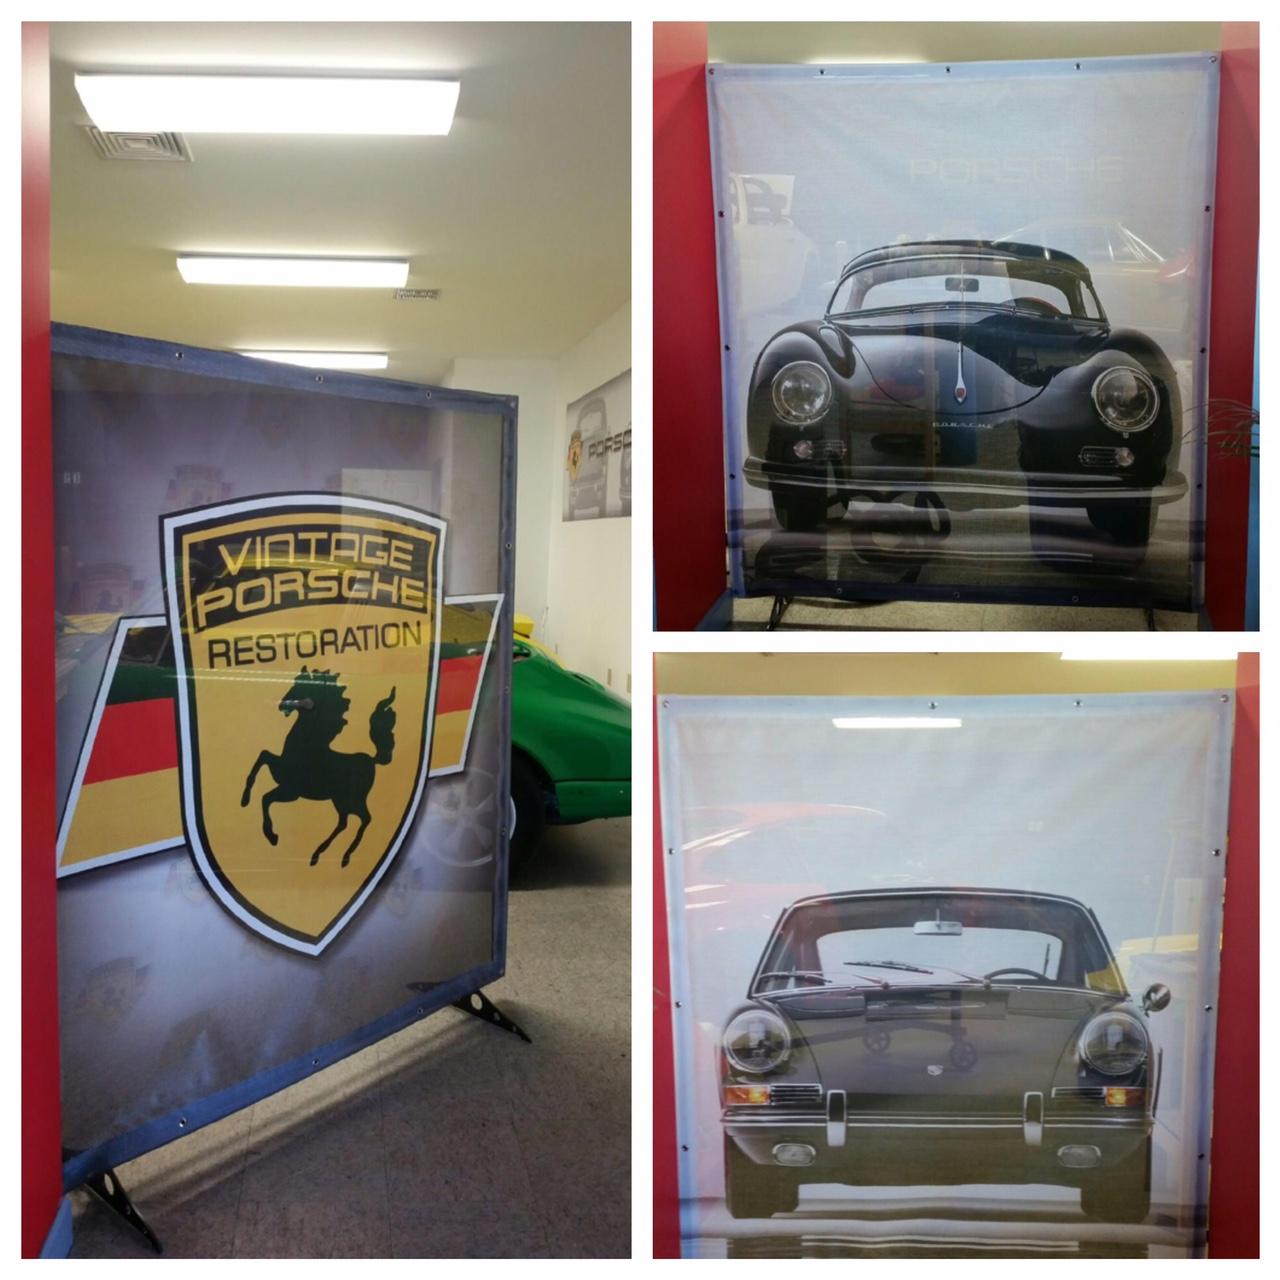 CPR Vintage Porsche Restoration